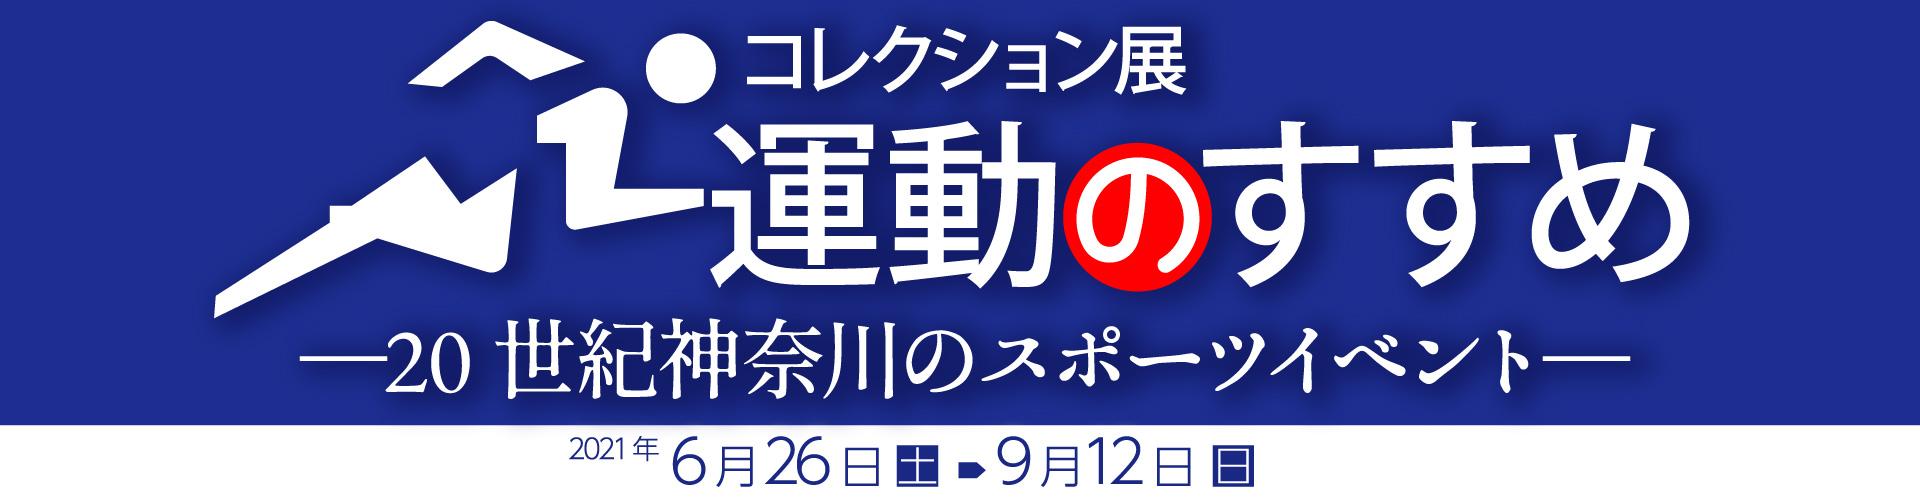 令和3年度 コレクション展「運動のすすめ-20世紀神奈川のスポーツイベント-」